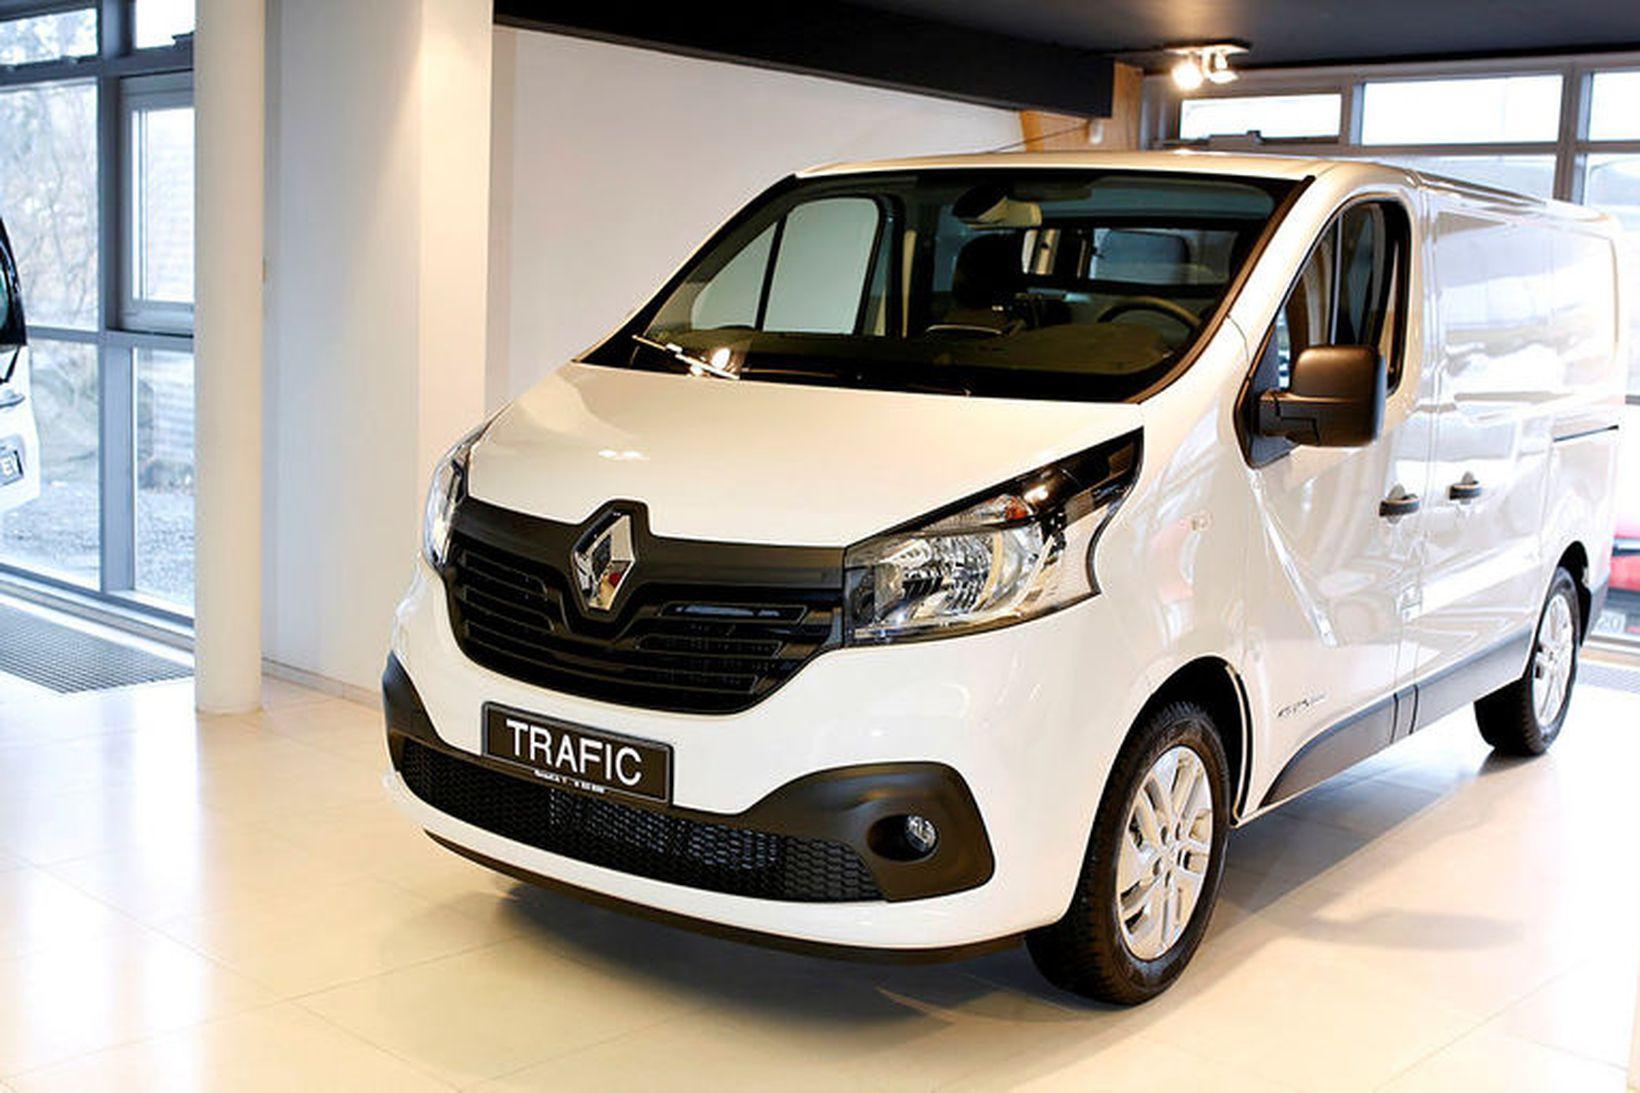 Renault Trafic atvinnubíll.